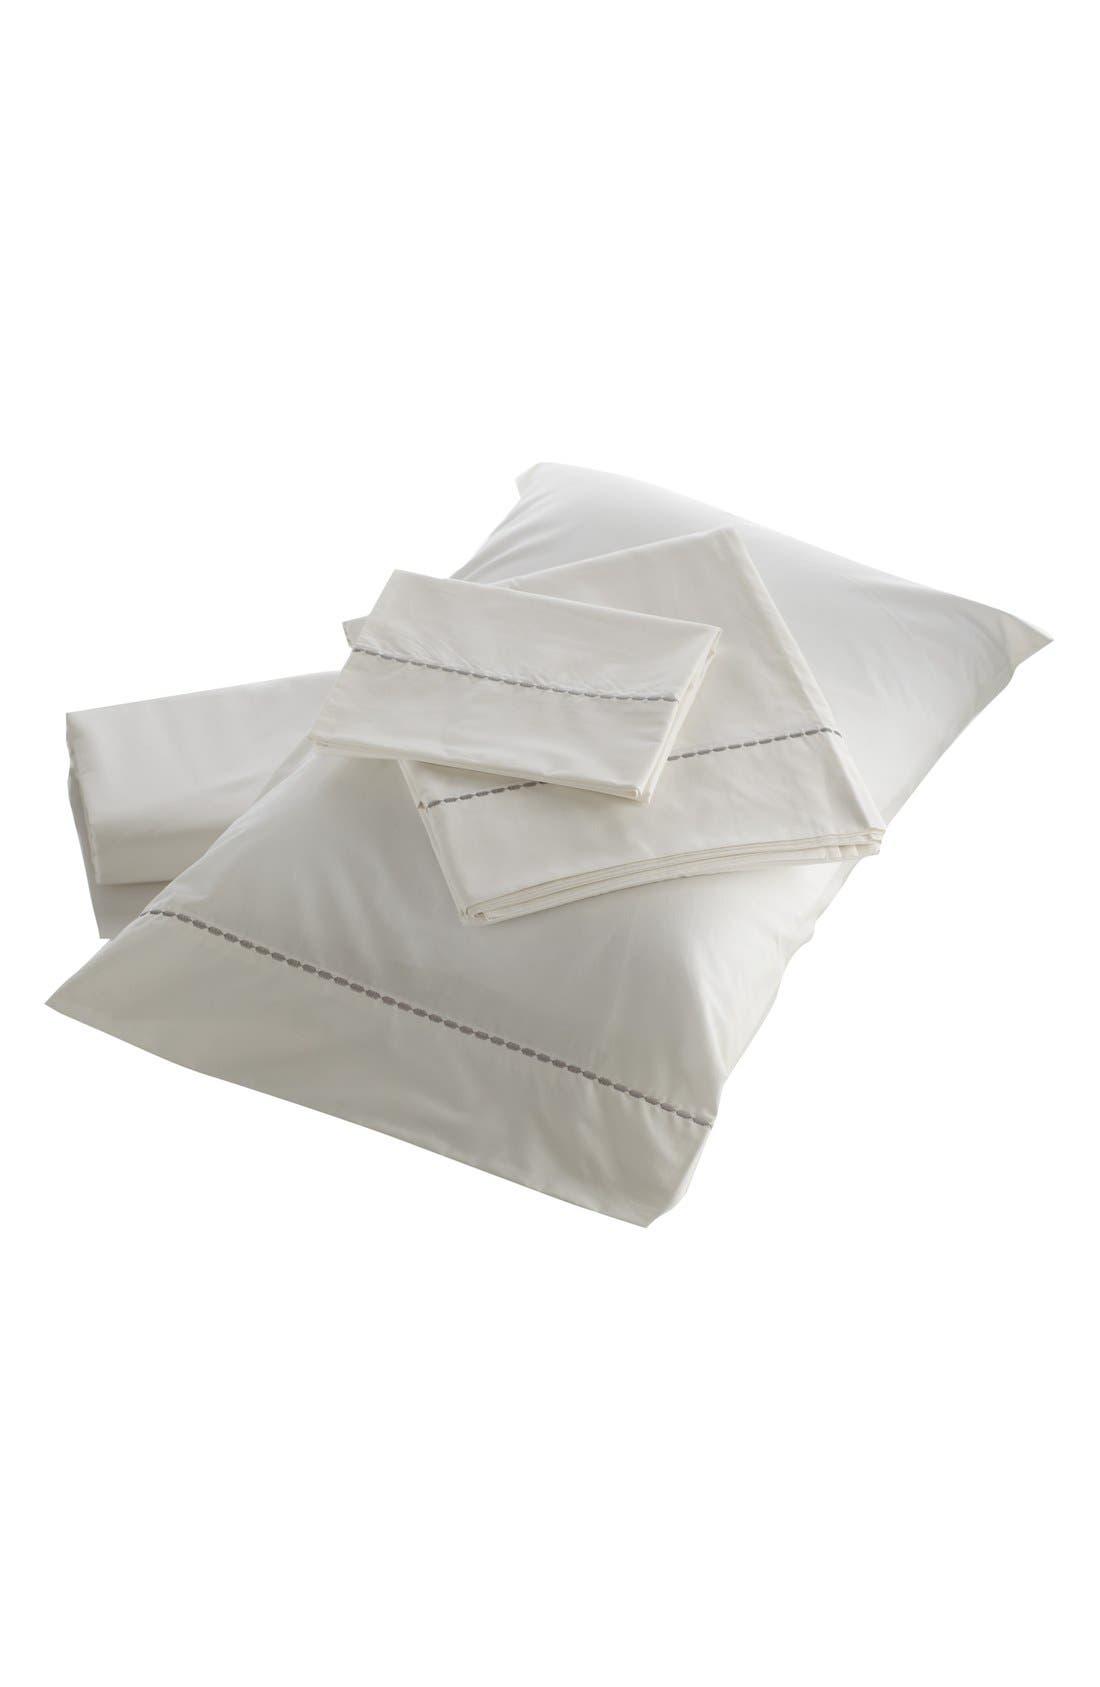 Main Image - zestt 'Portland' 200 Thread Count Organic Cotton Sheet Set